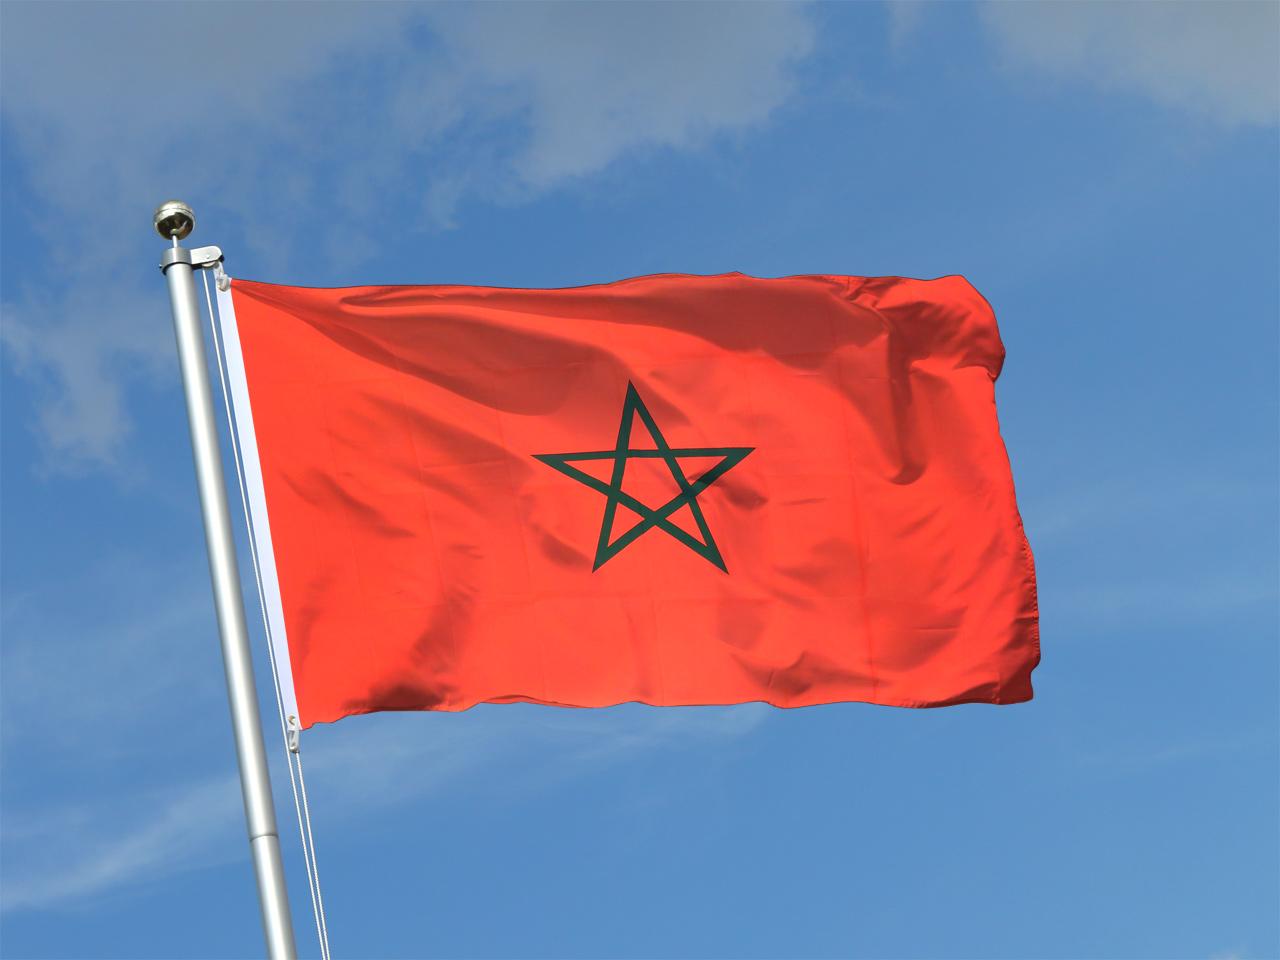 Acheter drapeau maroc 90 x 150 cm monsieur des drapeaux - Drapeau du maroc a imprimer ...